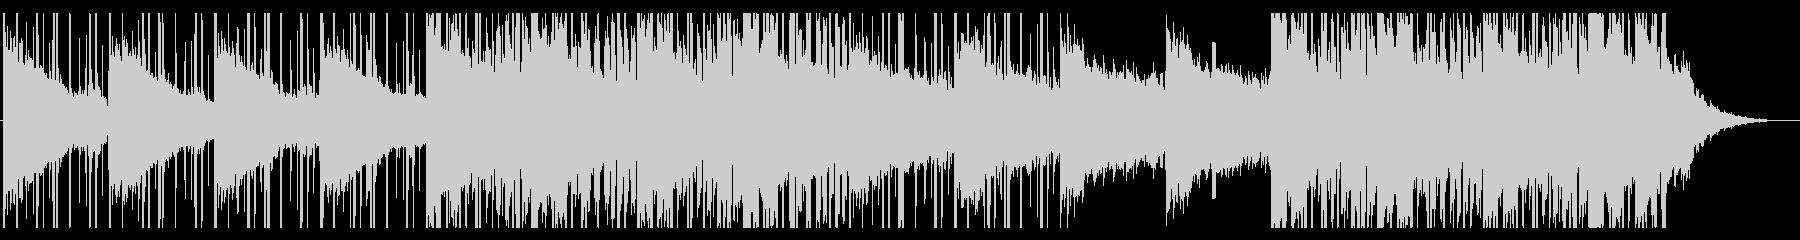 雨/ほのぼの/R&B_No381の未再生の波形